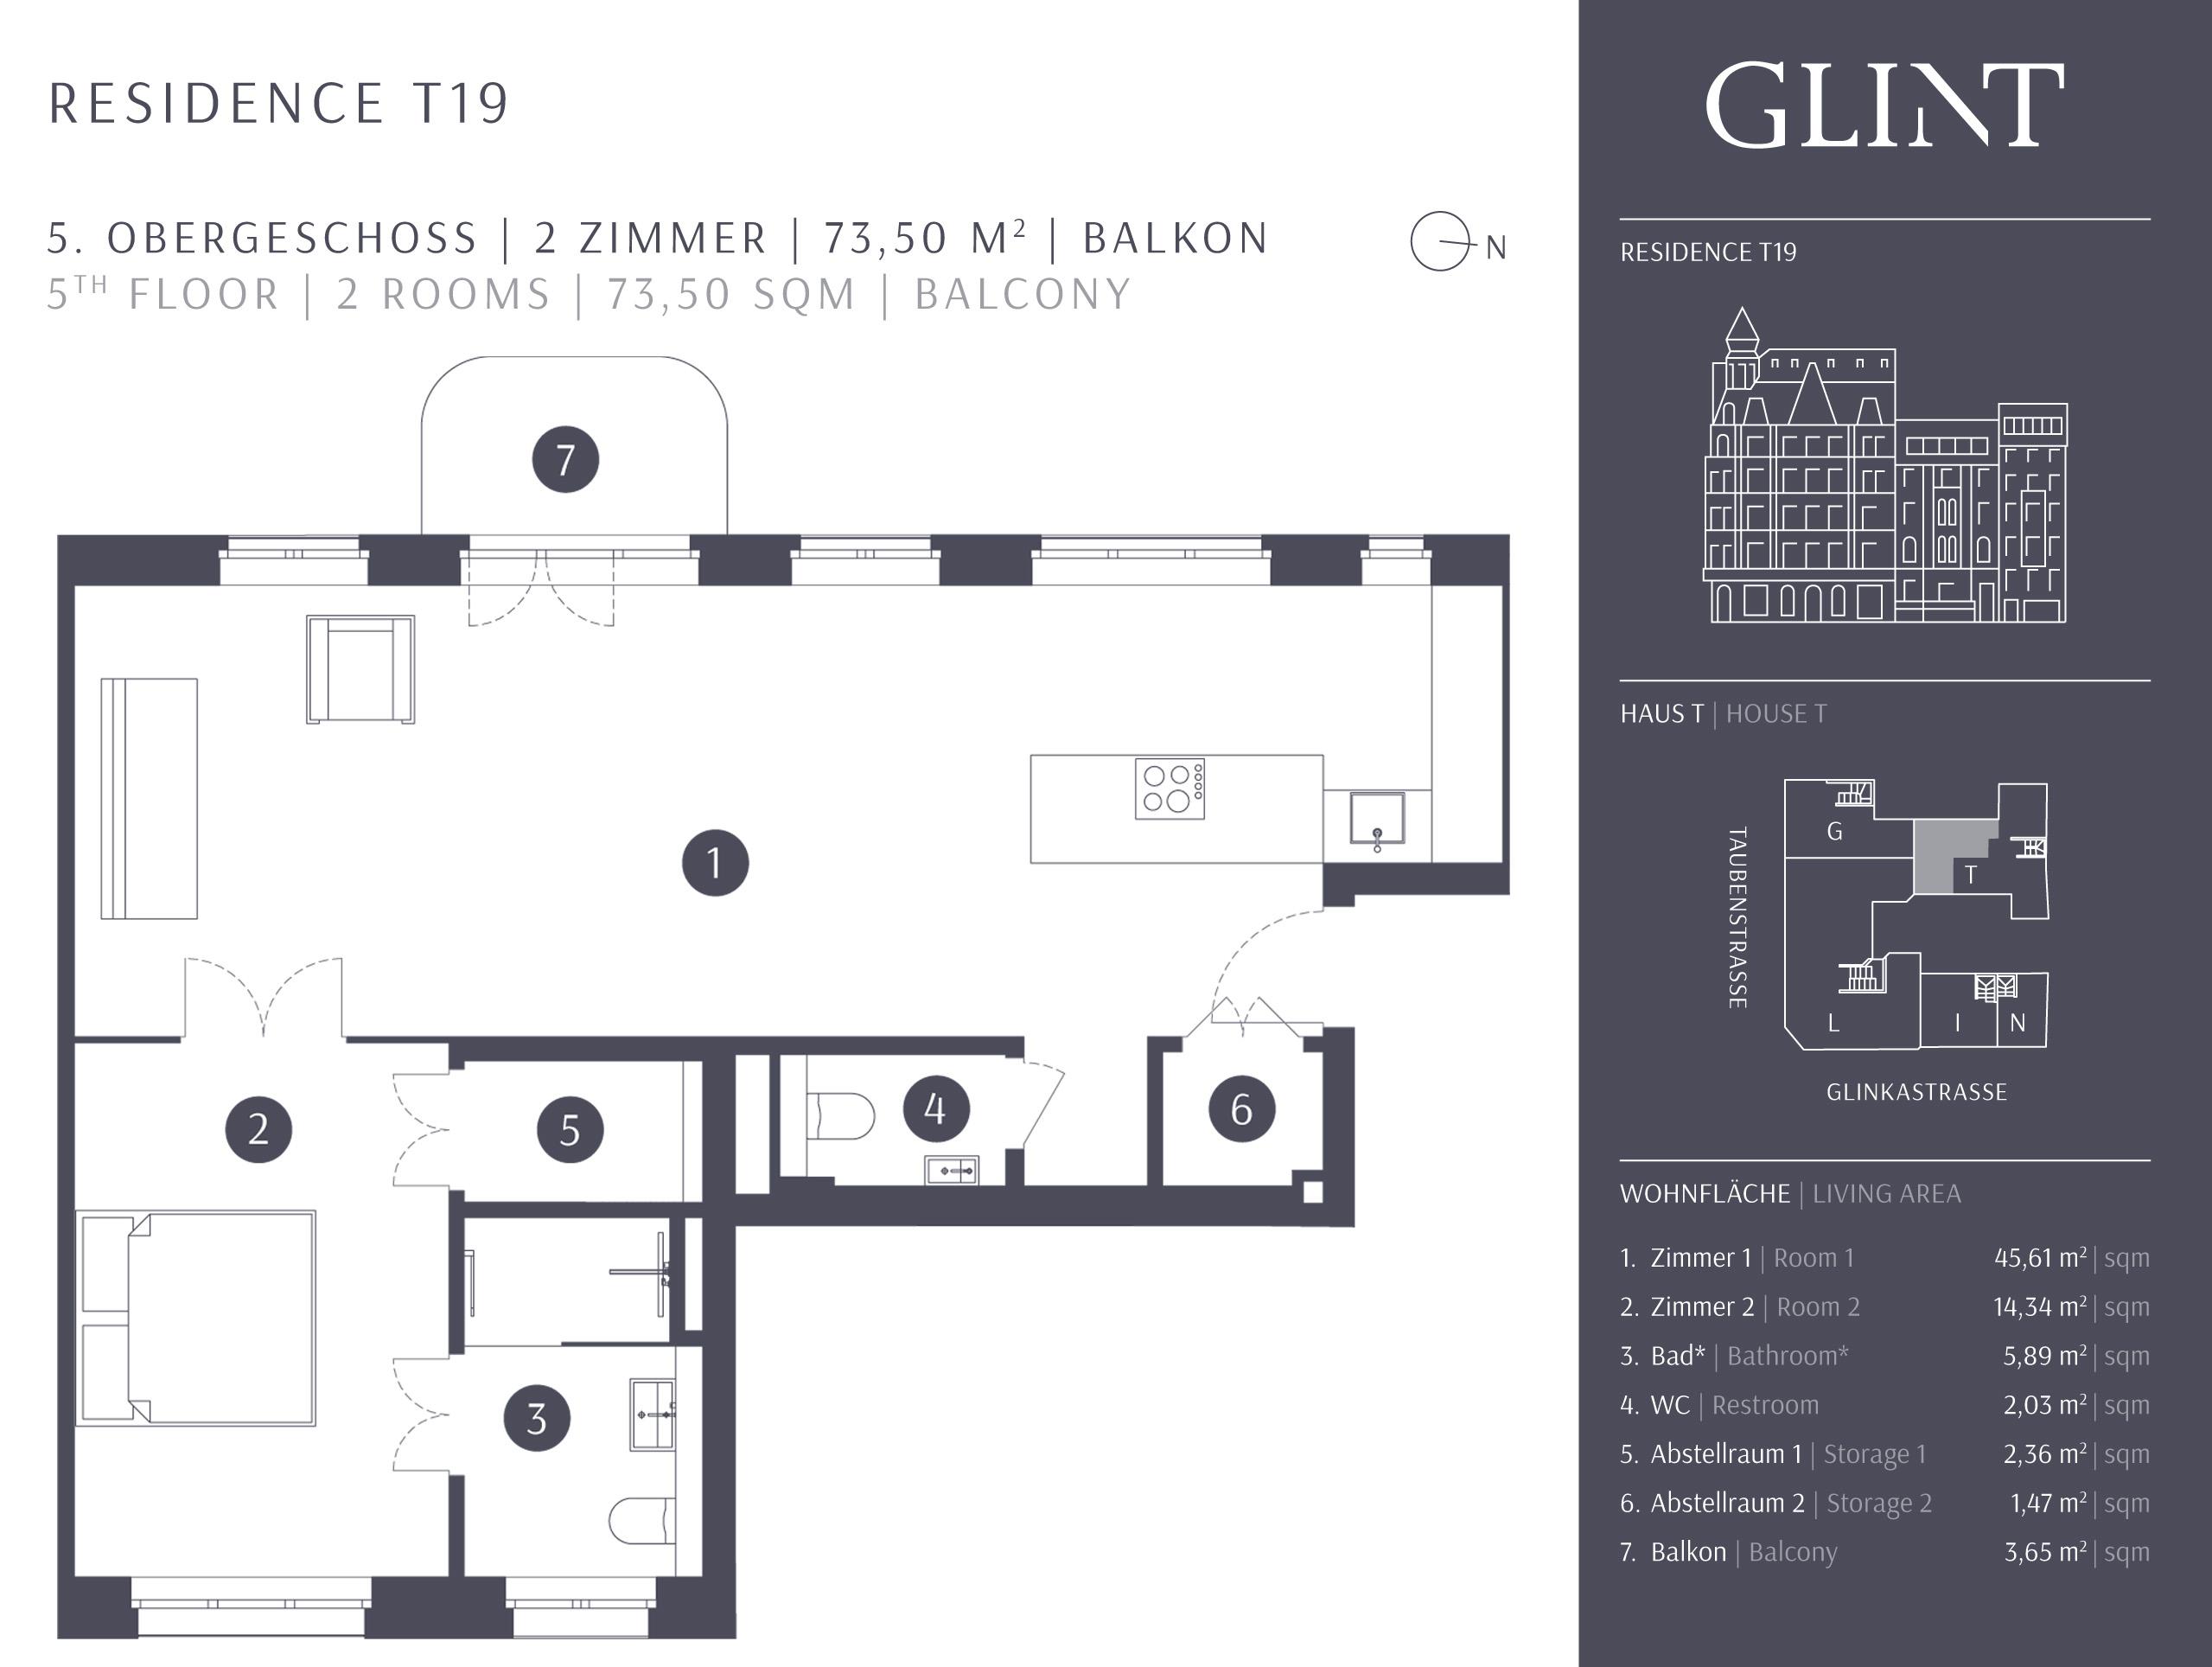 Glint Berlin Residence